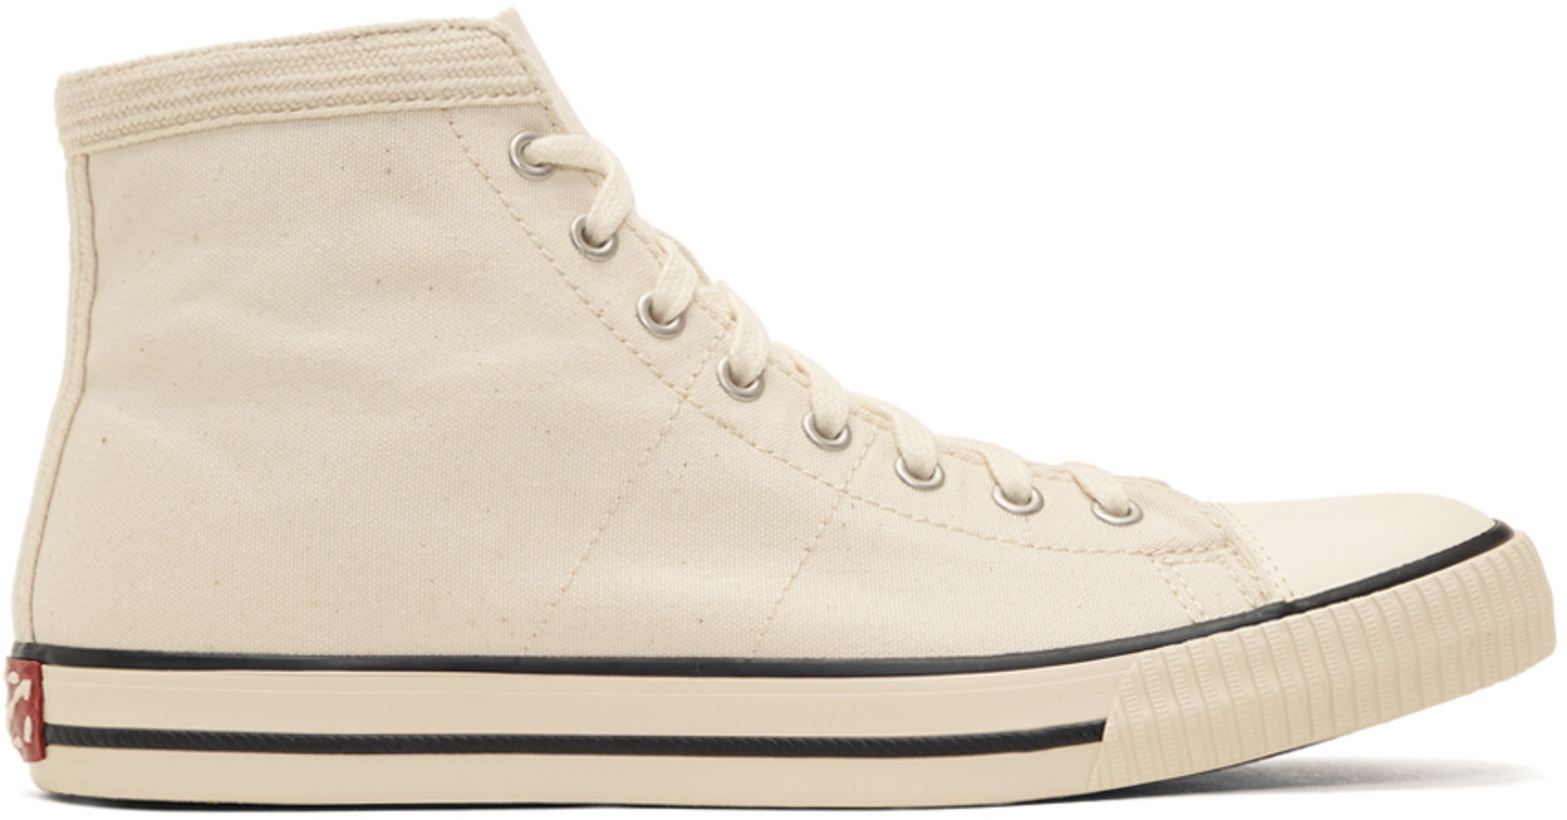 Visvim Ivory Keifer High-Top Sneakers